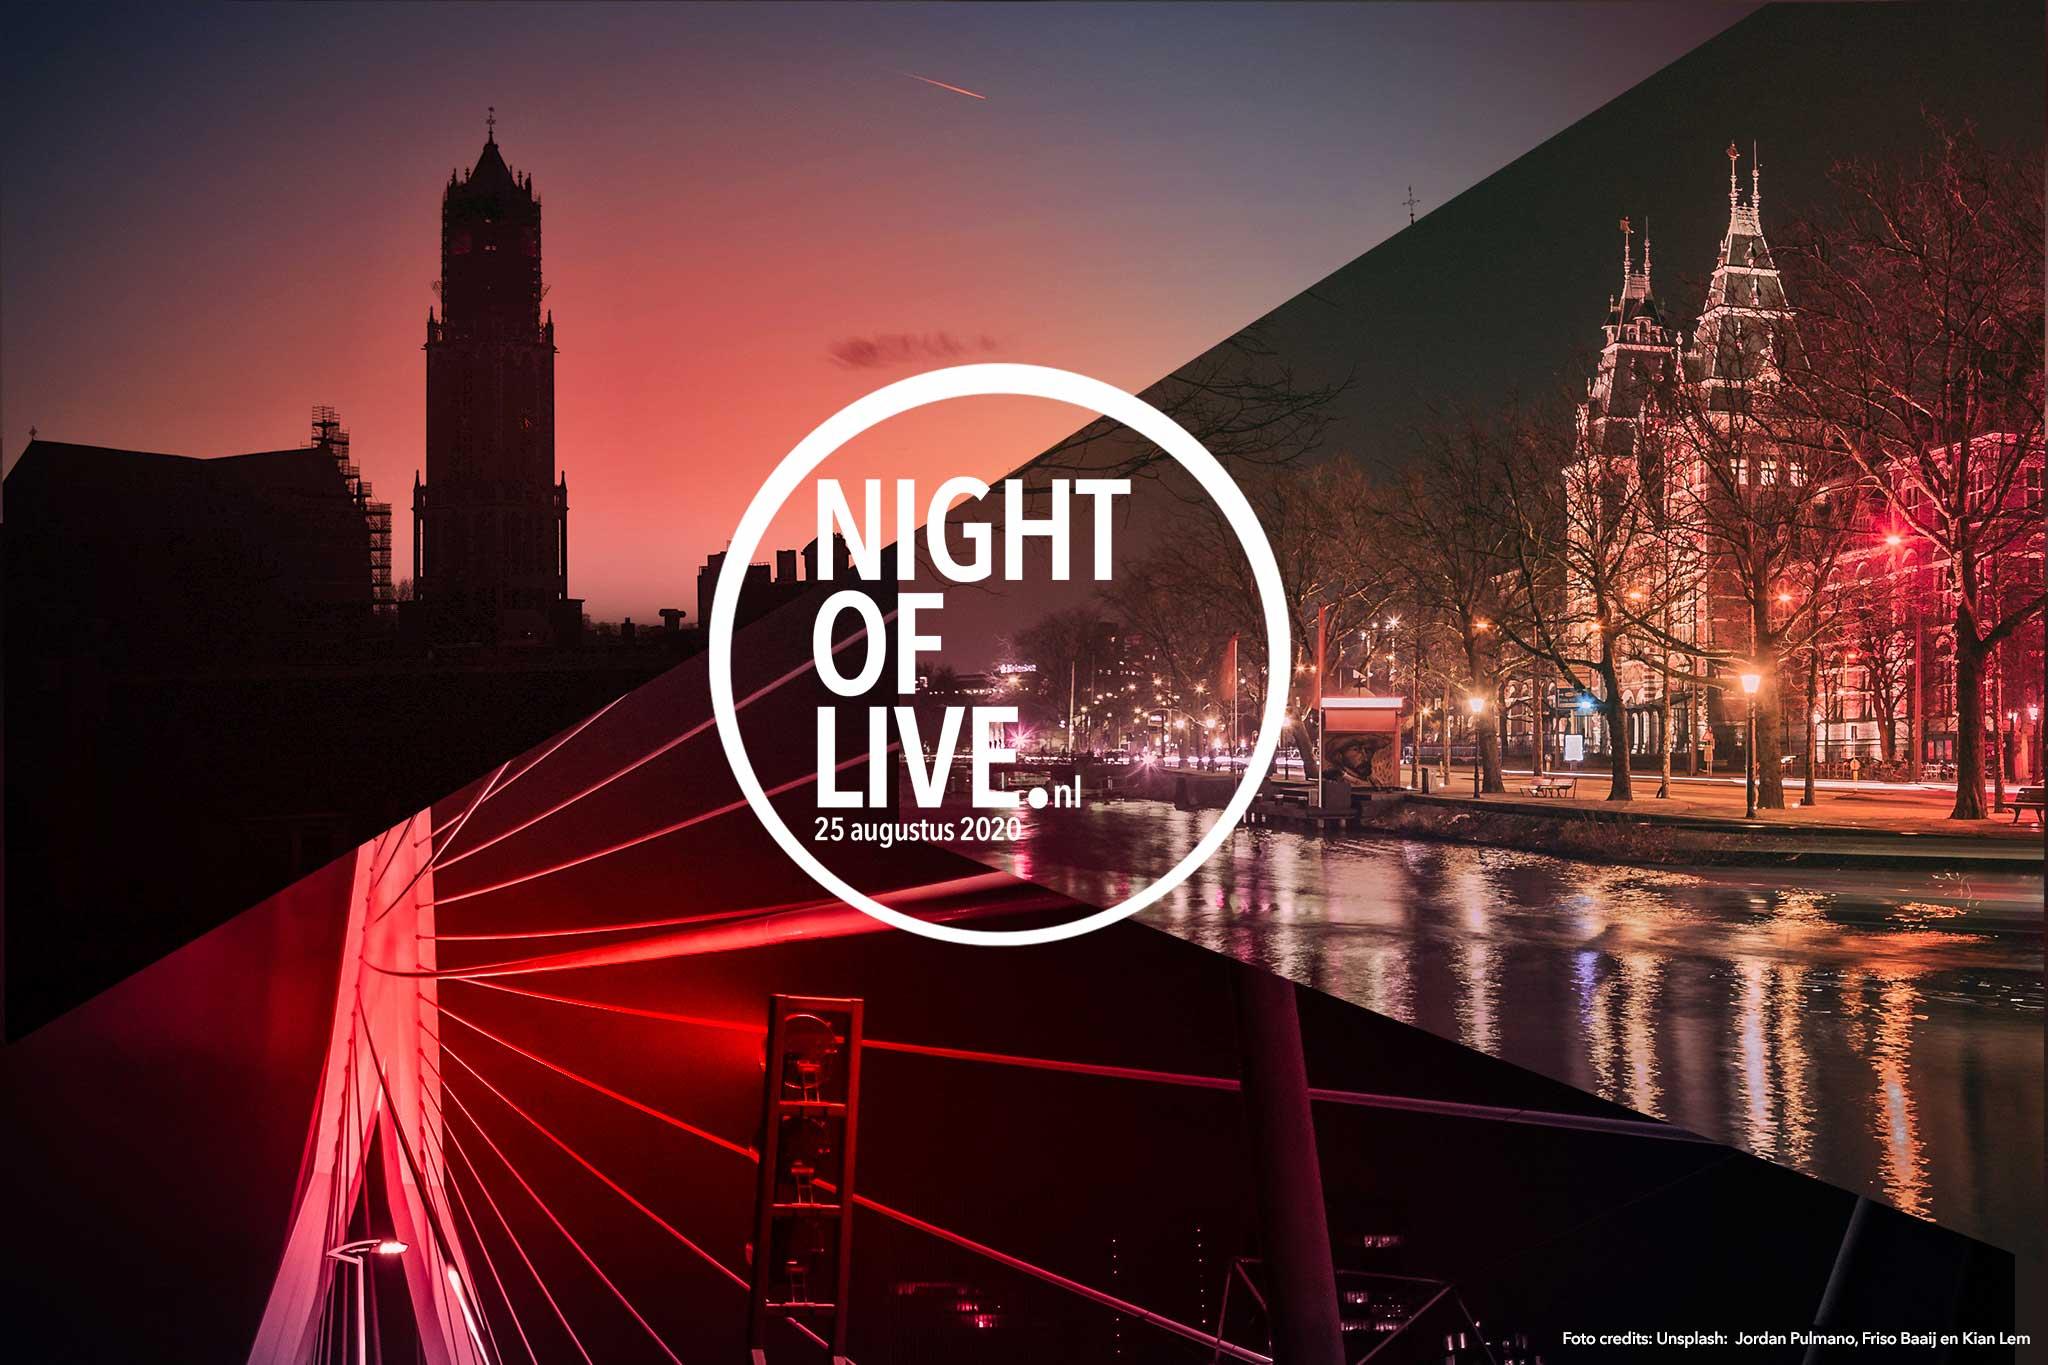 Nightoflive2020